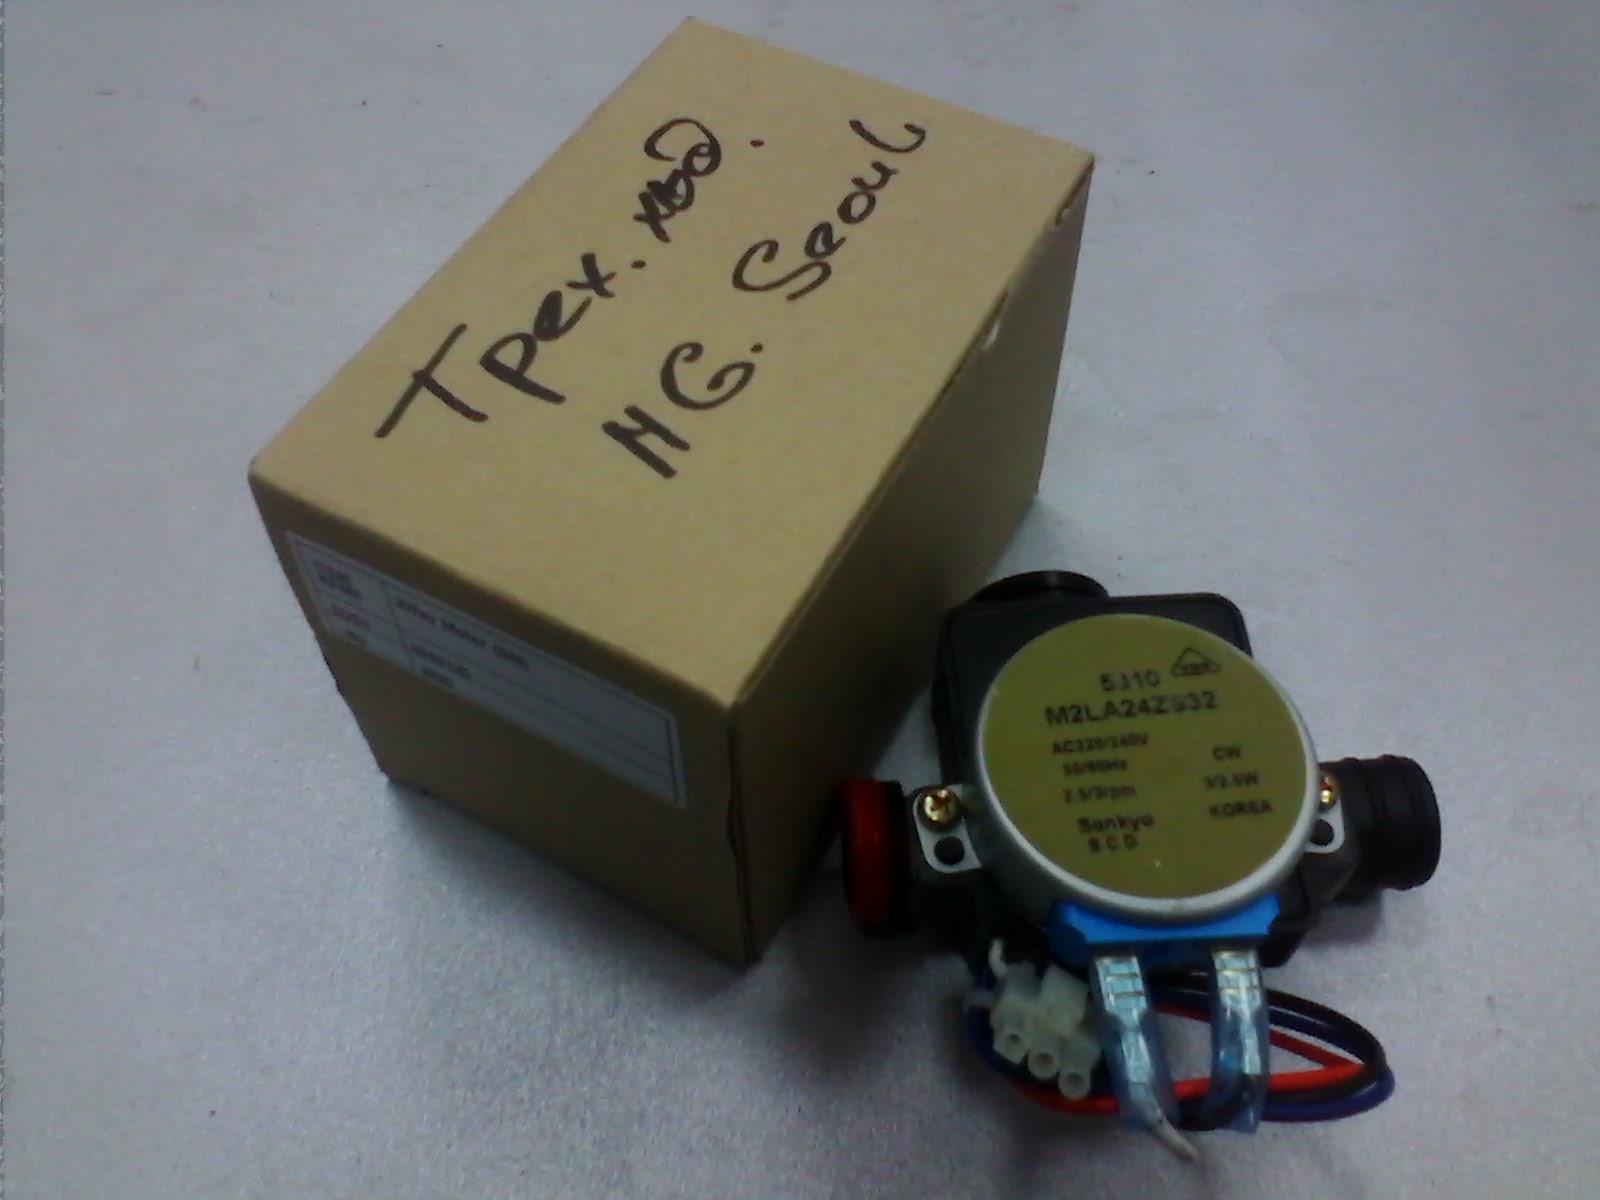 Купить Клапан трёхходовой с приводом  Mastergas-Seoul  (в сборе) [2040125] в Челябинск